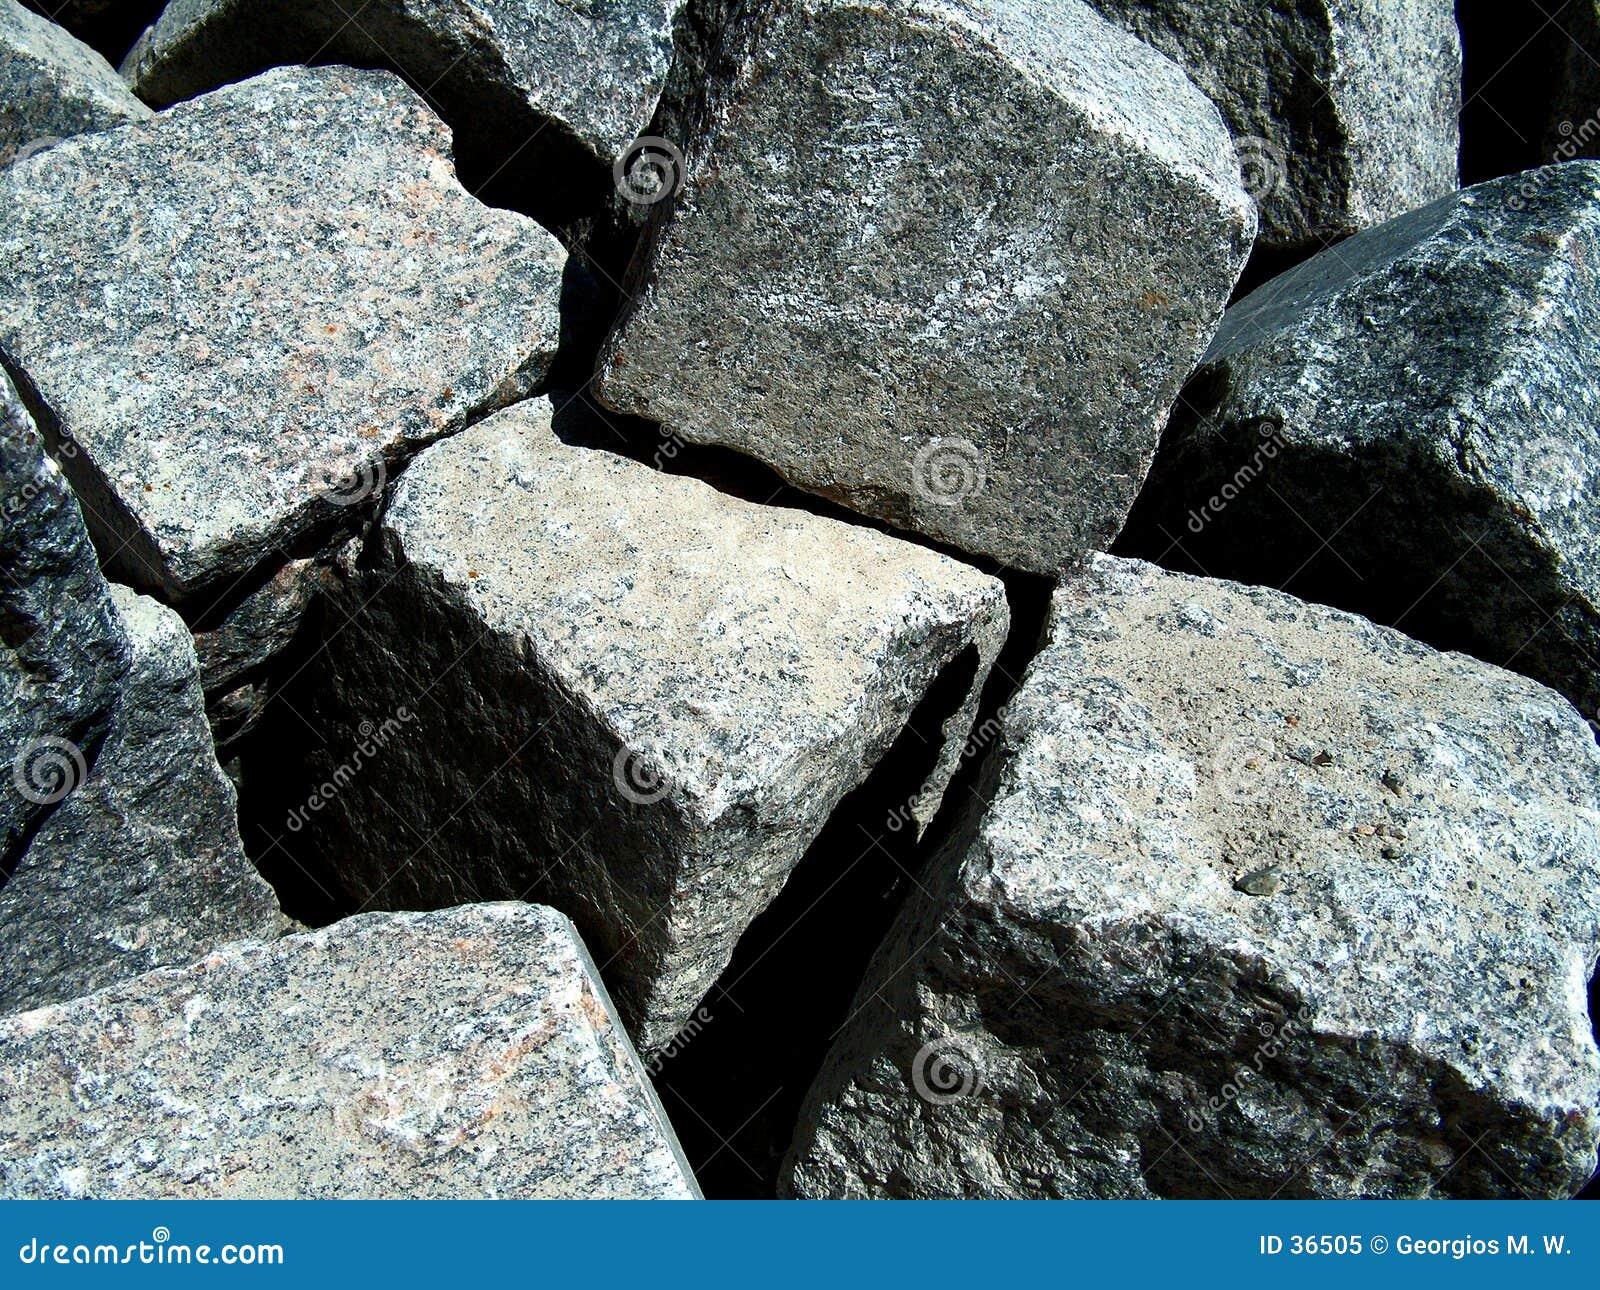 Download Fluss-Steine stockbild. Bild von aufbau, scharf, ränder - 36505